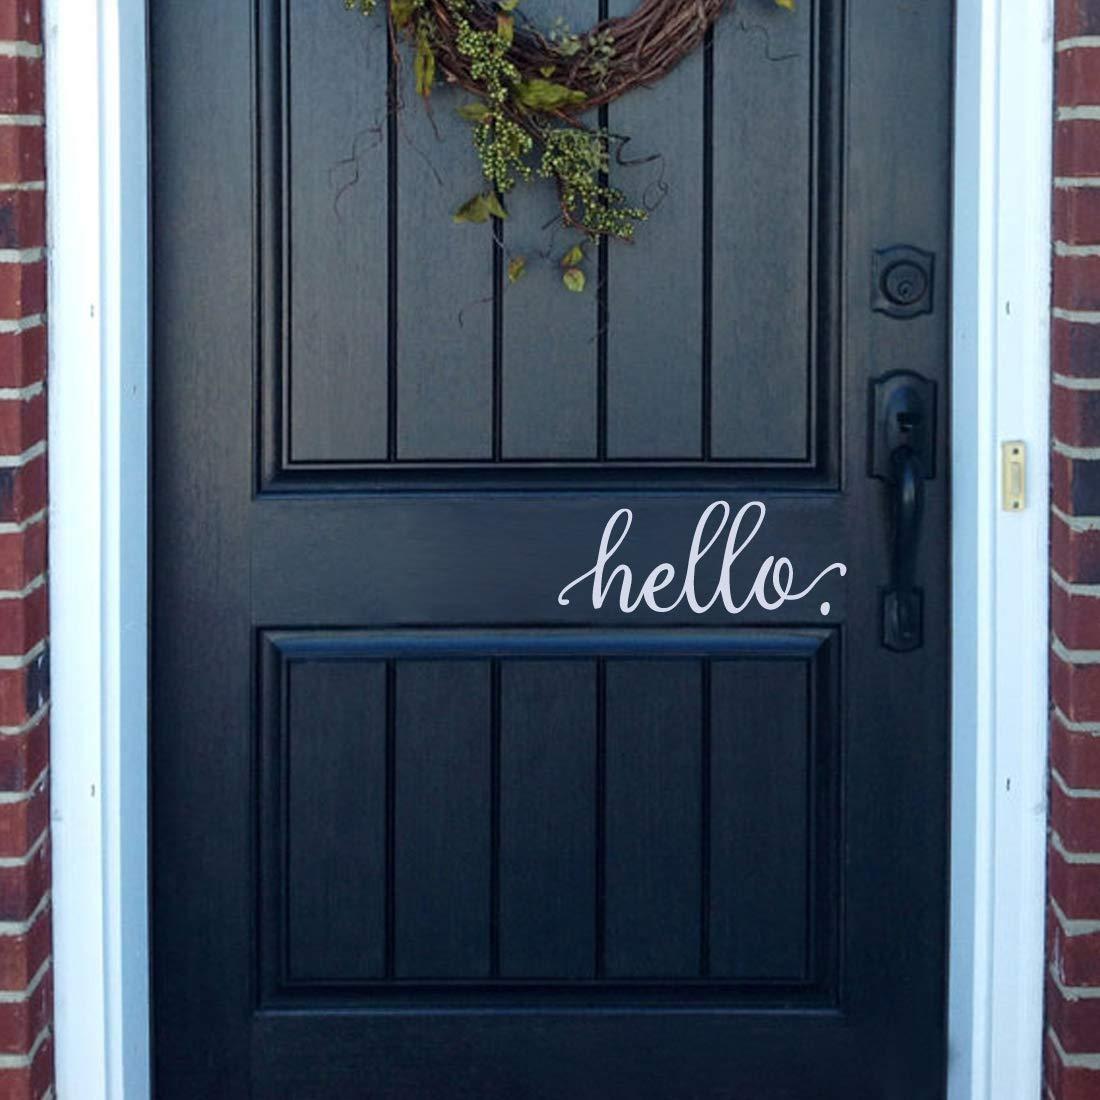 Battoo hello door decal door decals door stickers door signage hello stickers front door decal entryway decal wall decor9x 4 white amazon com